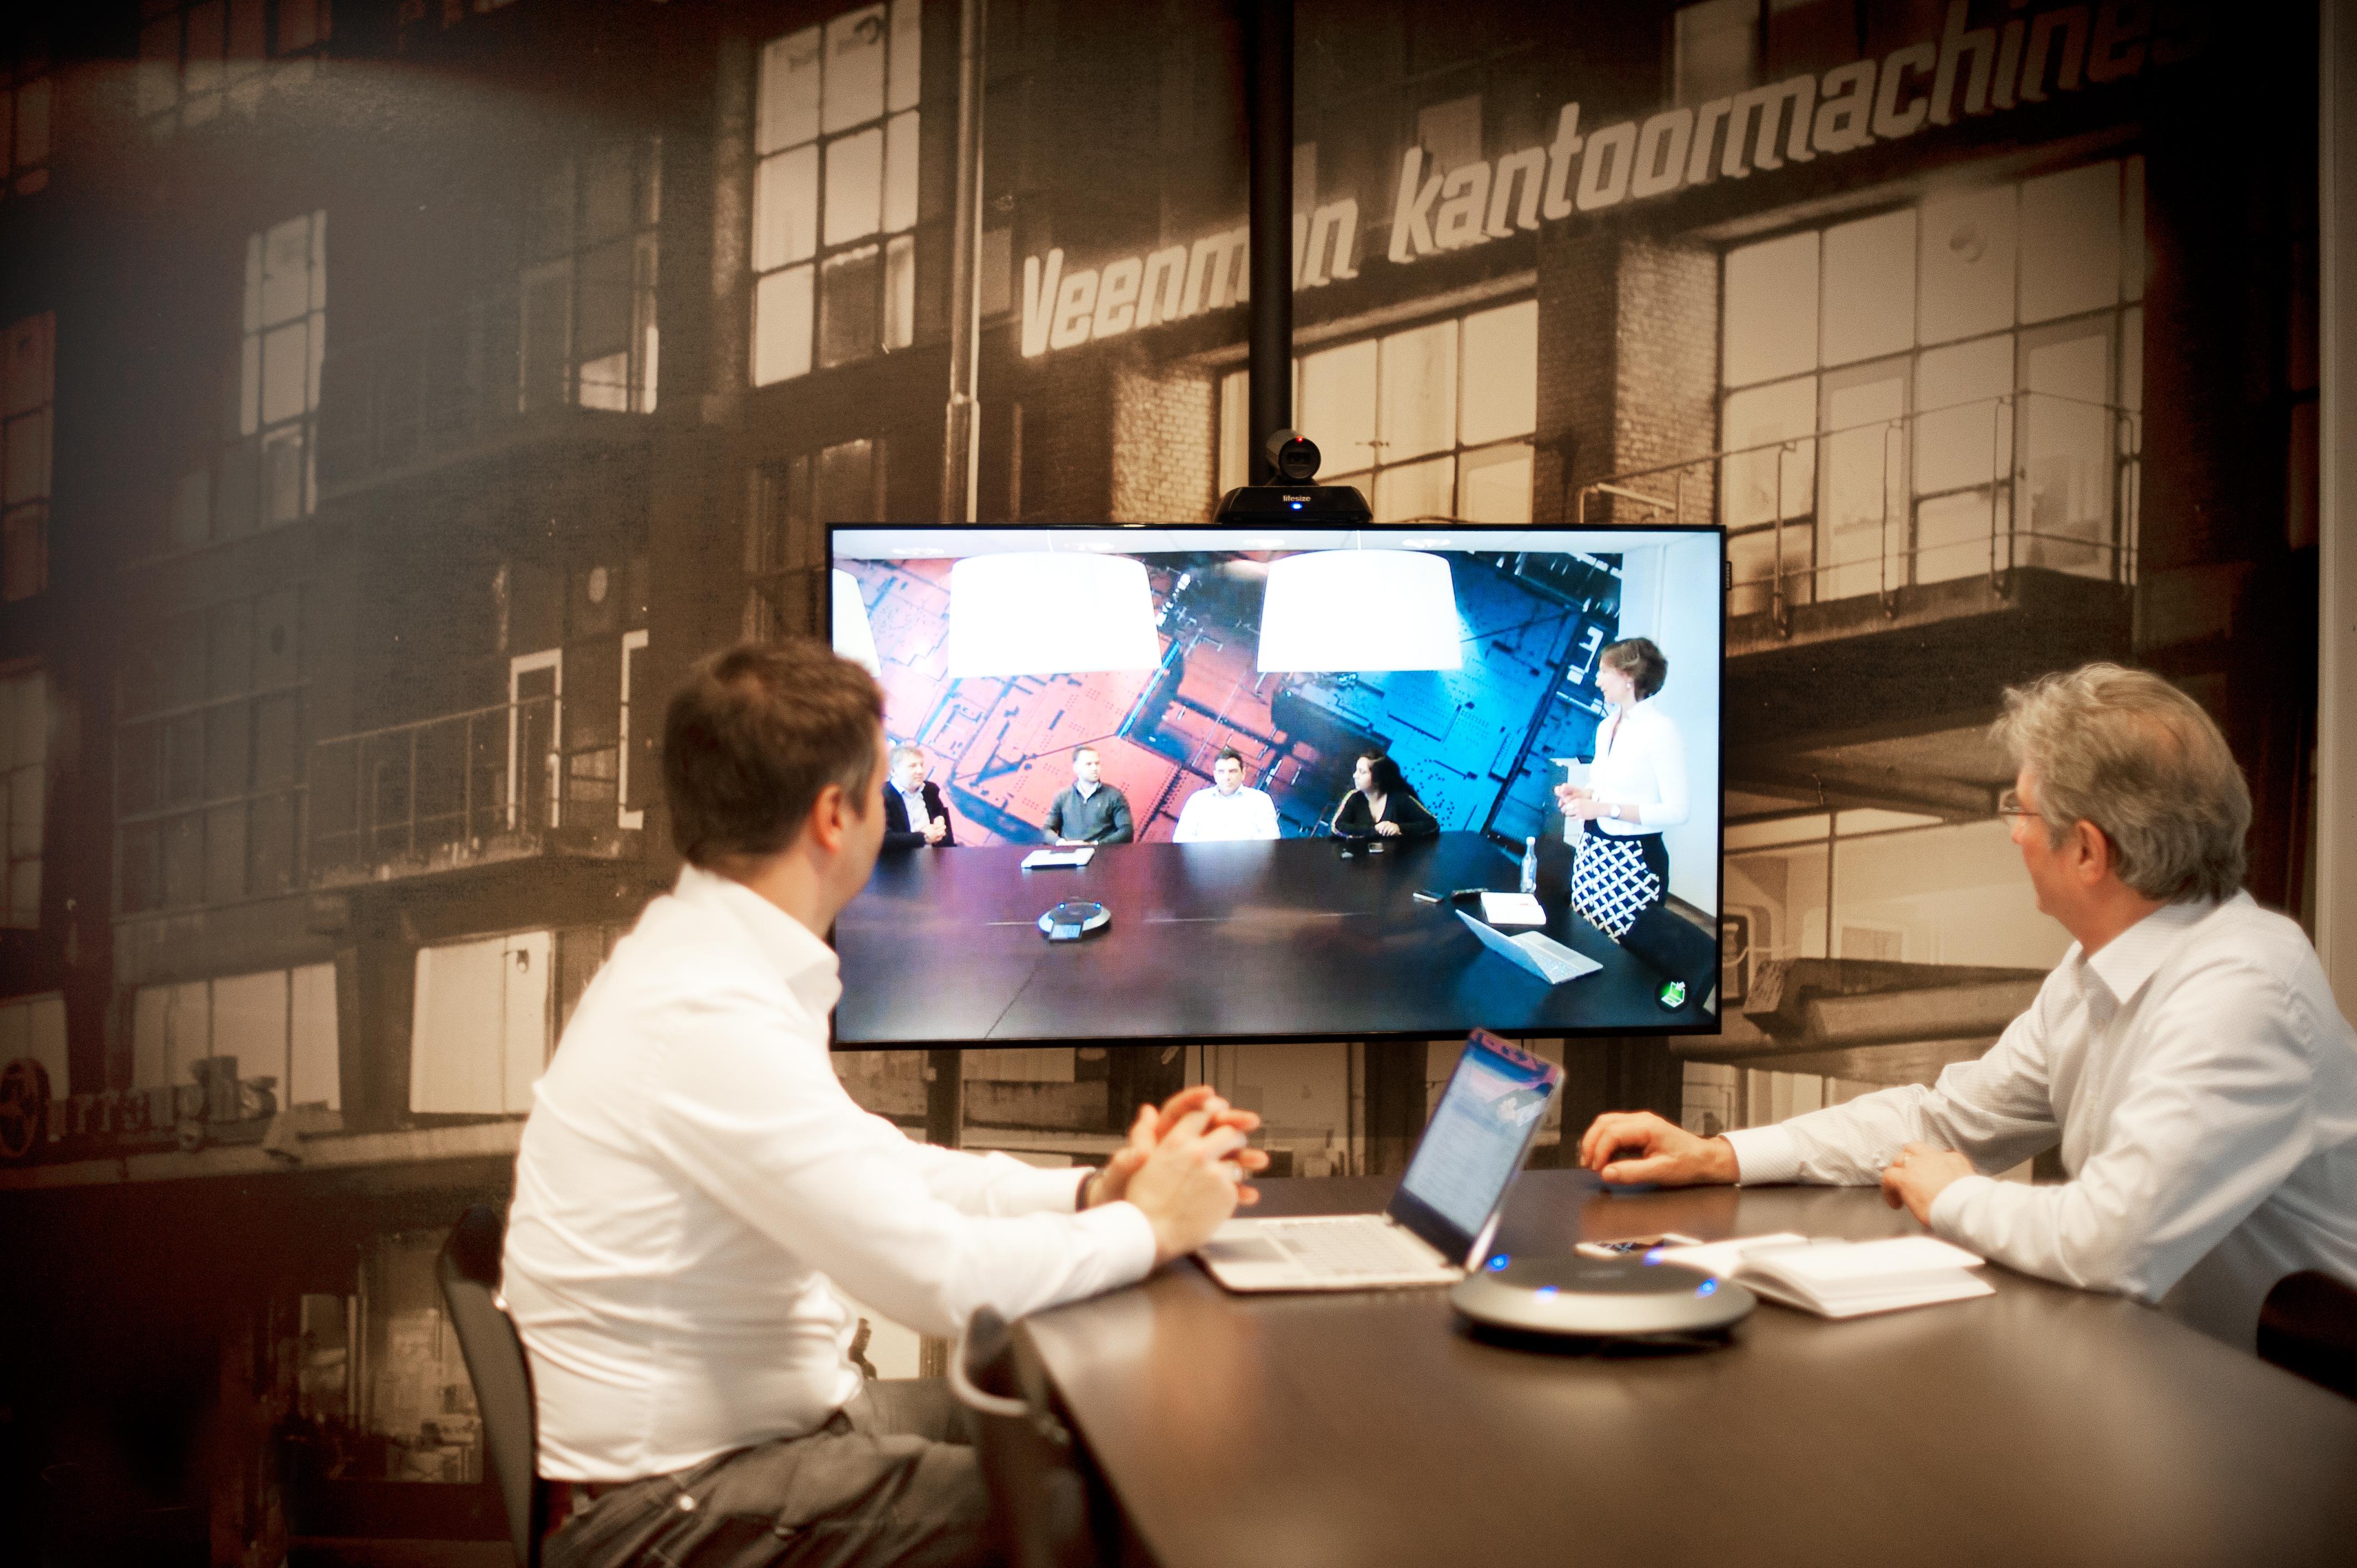 Afbeelding audiovisuele-middelen-videoconferencing